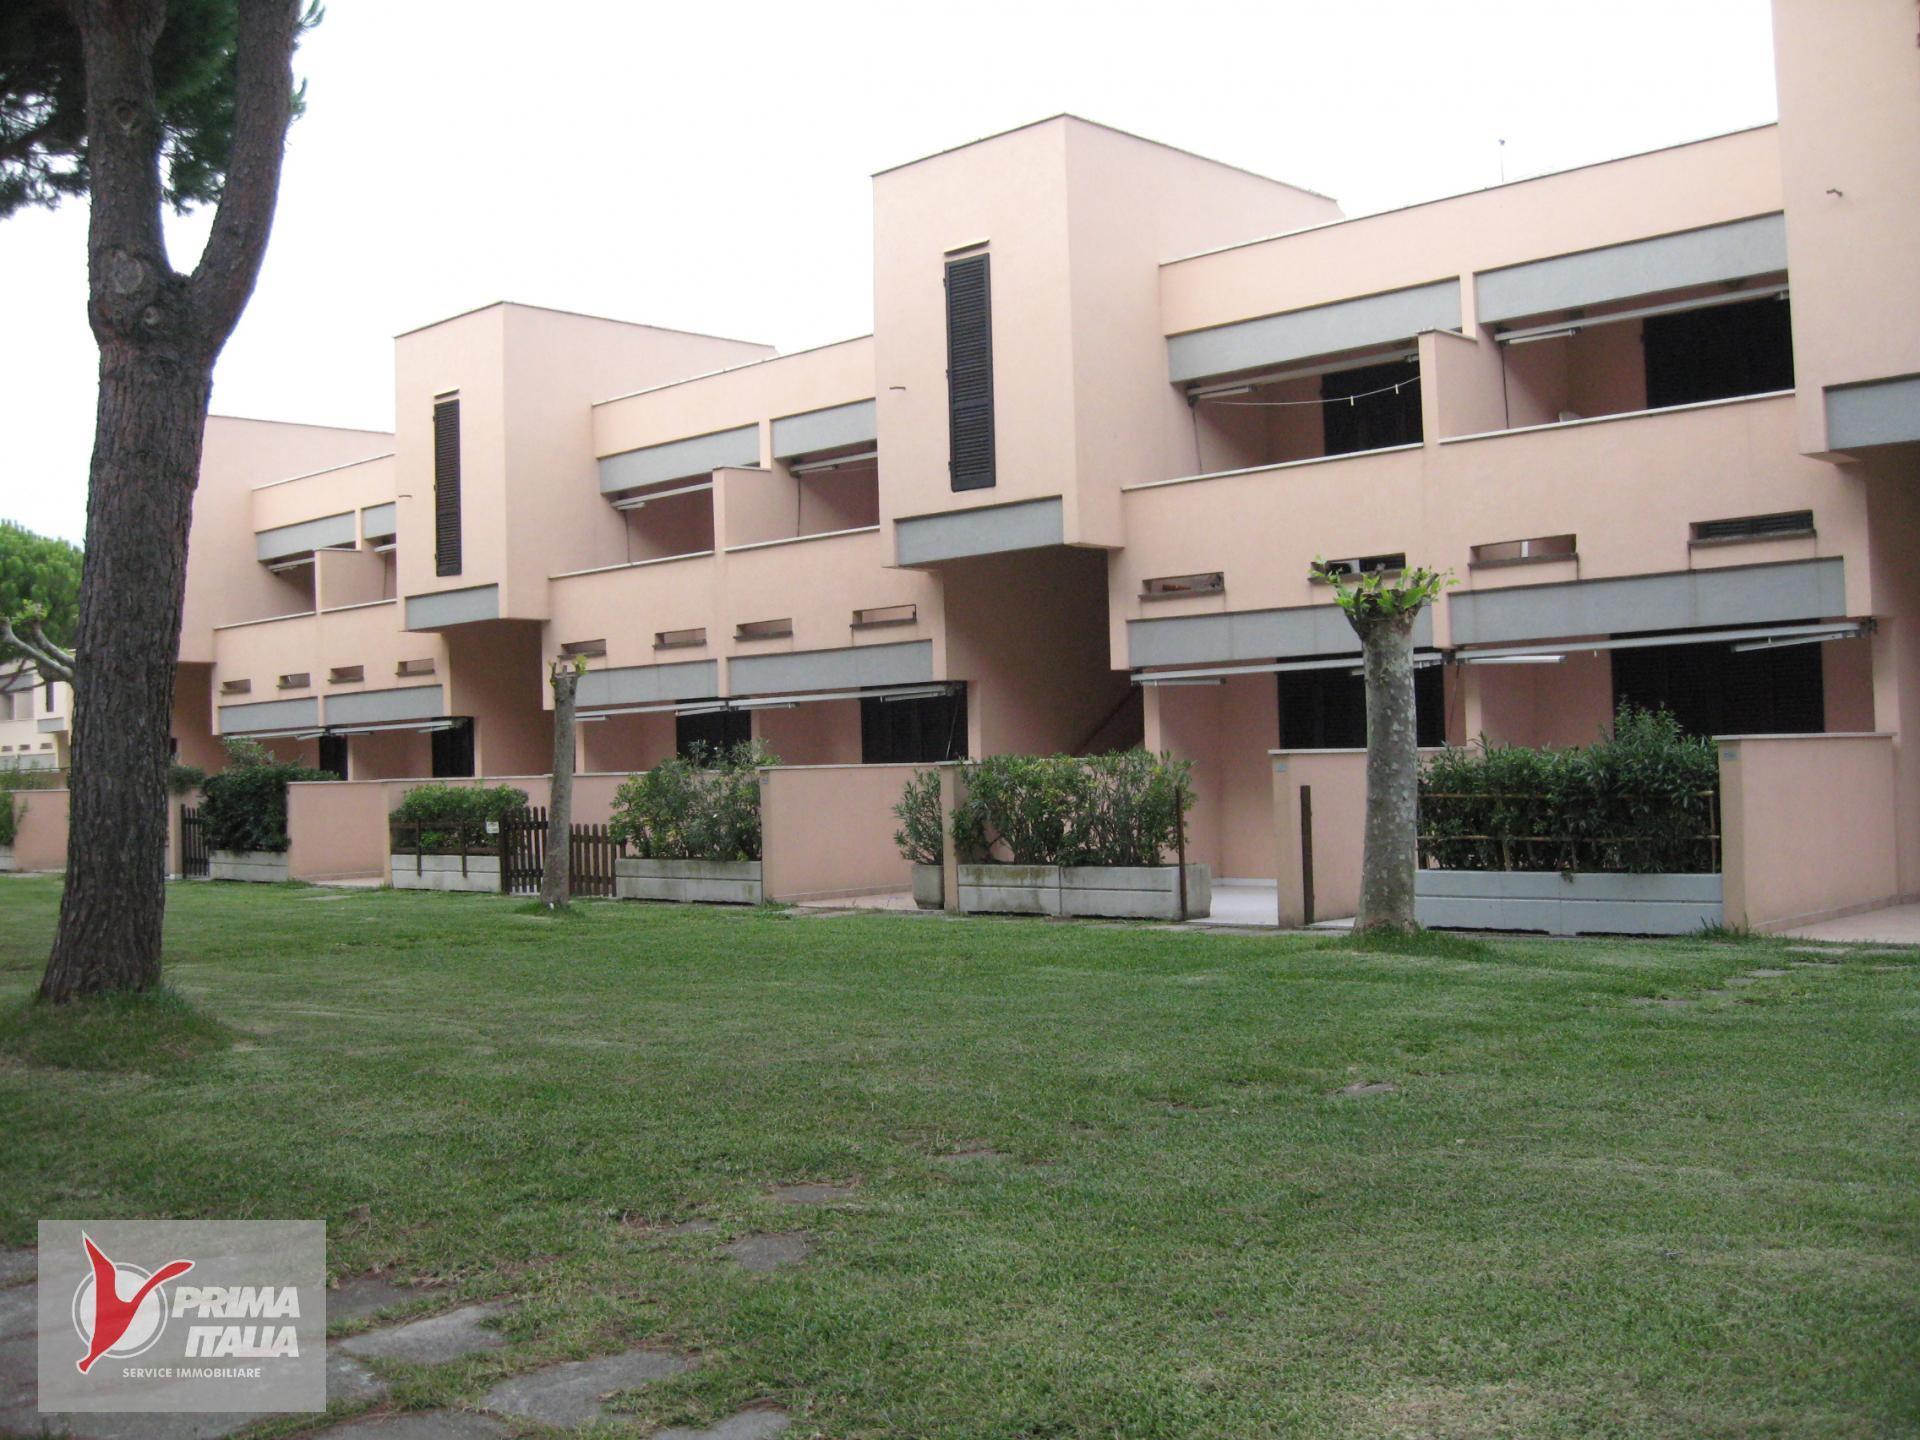 Rio Grande – Appartamento trilocale (fruibile anche per disabili)